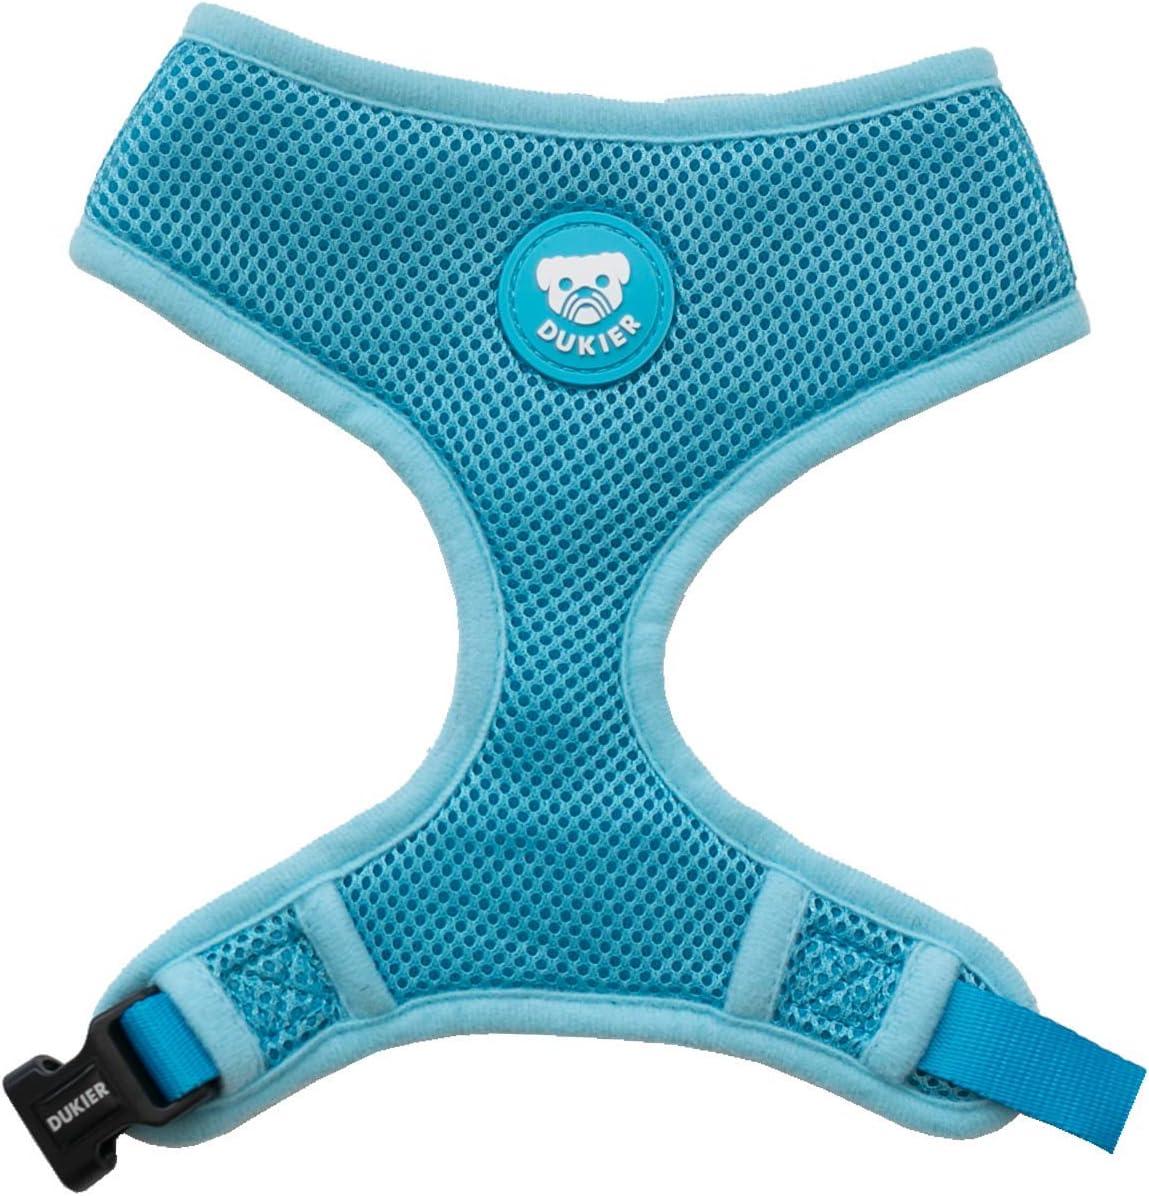 Harnais pour Chien en Maille Douce avec Gilet Respirant Confort Dukier Harnais Chien R/églable Pet Gilet Durable en Nylon Couleur Bleu Taille XS